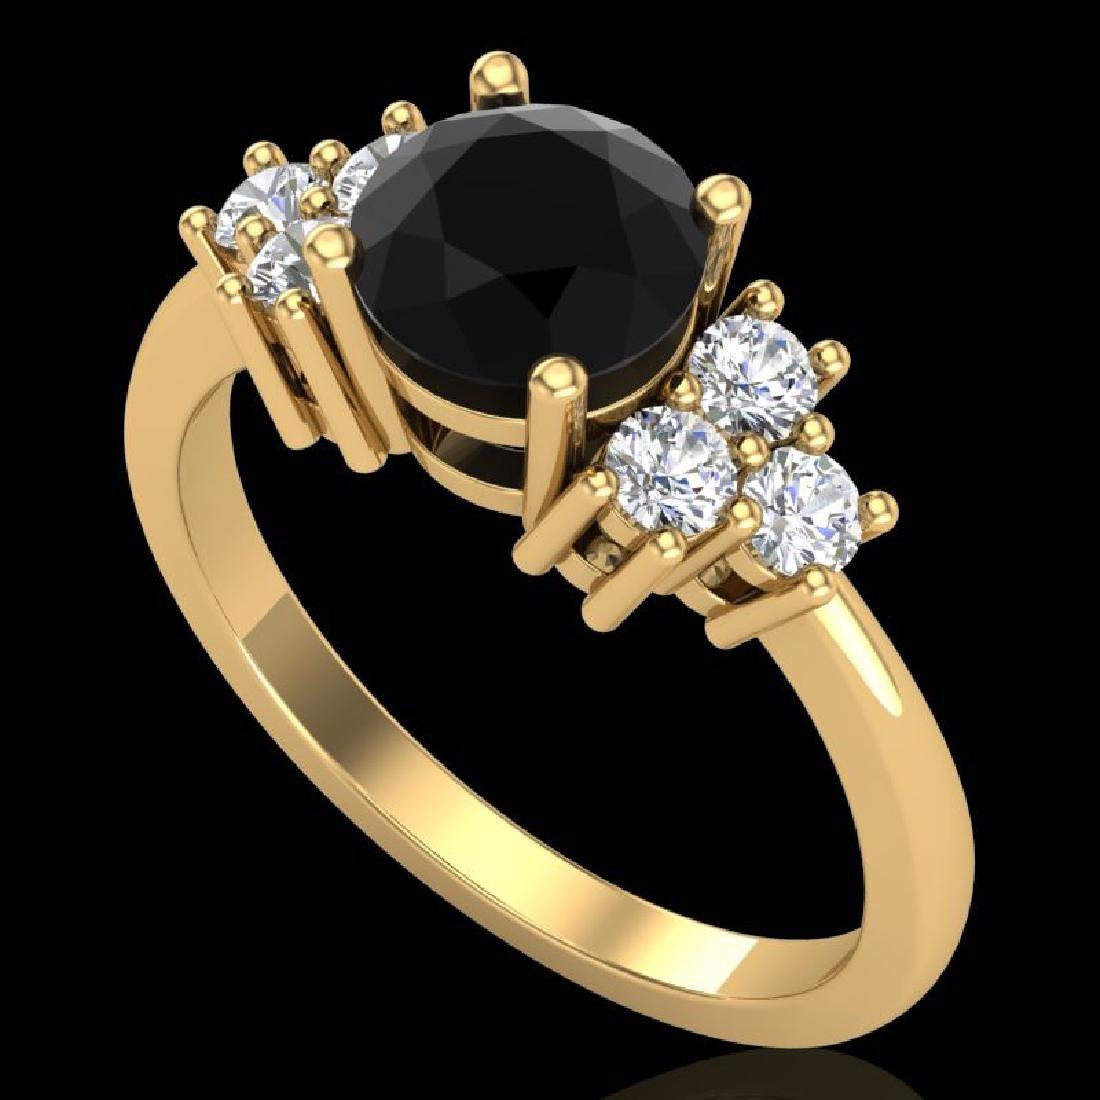 1.5 CTW Fancy Black Diamond Solitaire Engagement